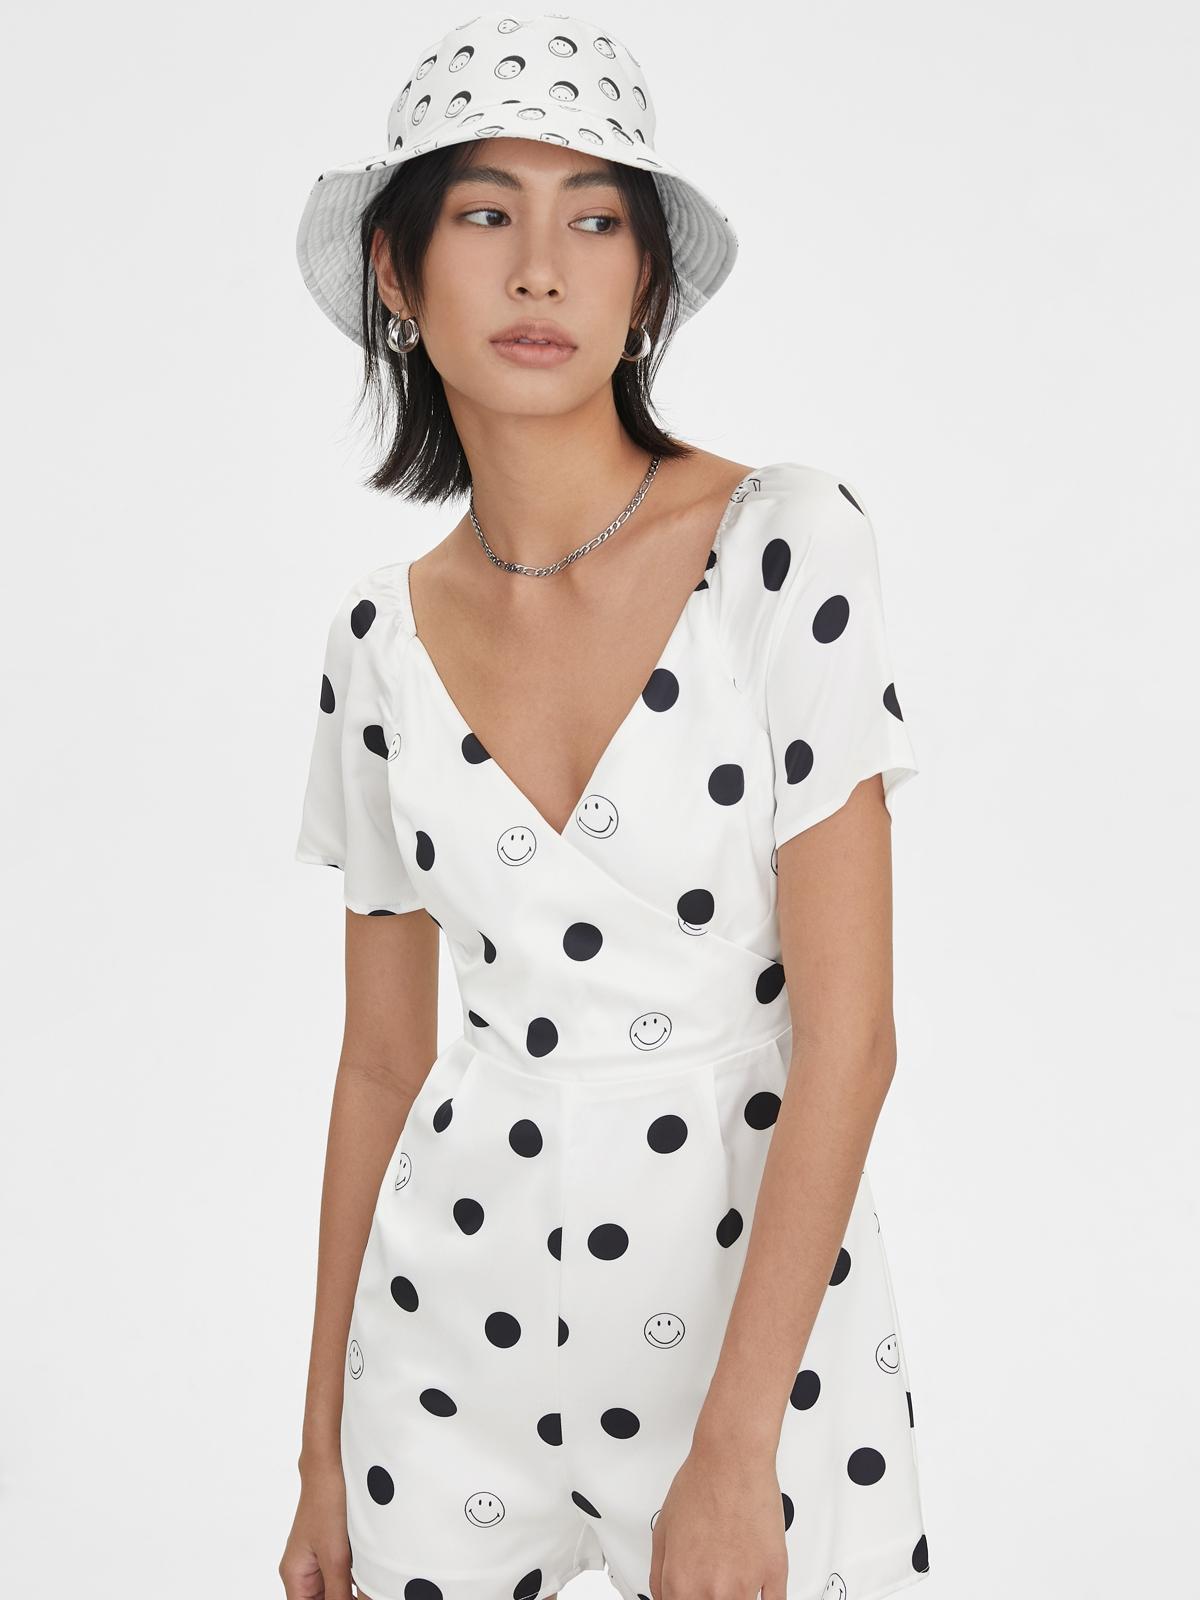 Pomelo X Smiley Smile Polka Dot Bucket Hat White